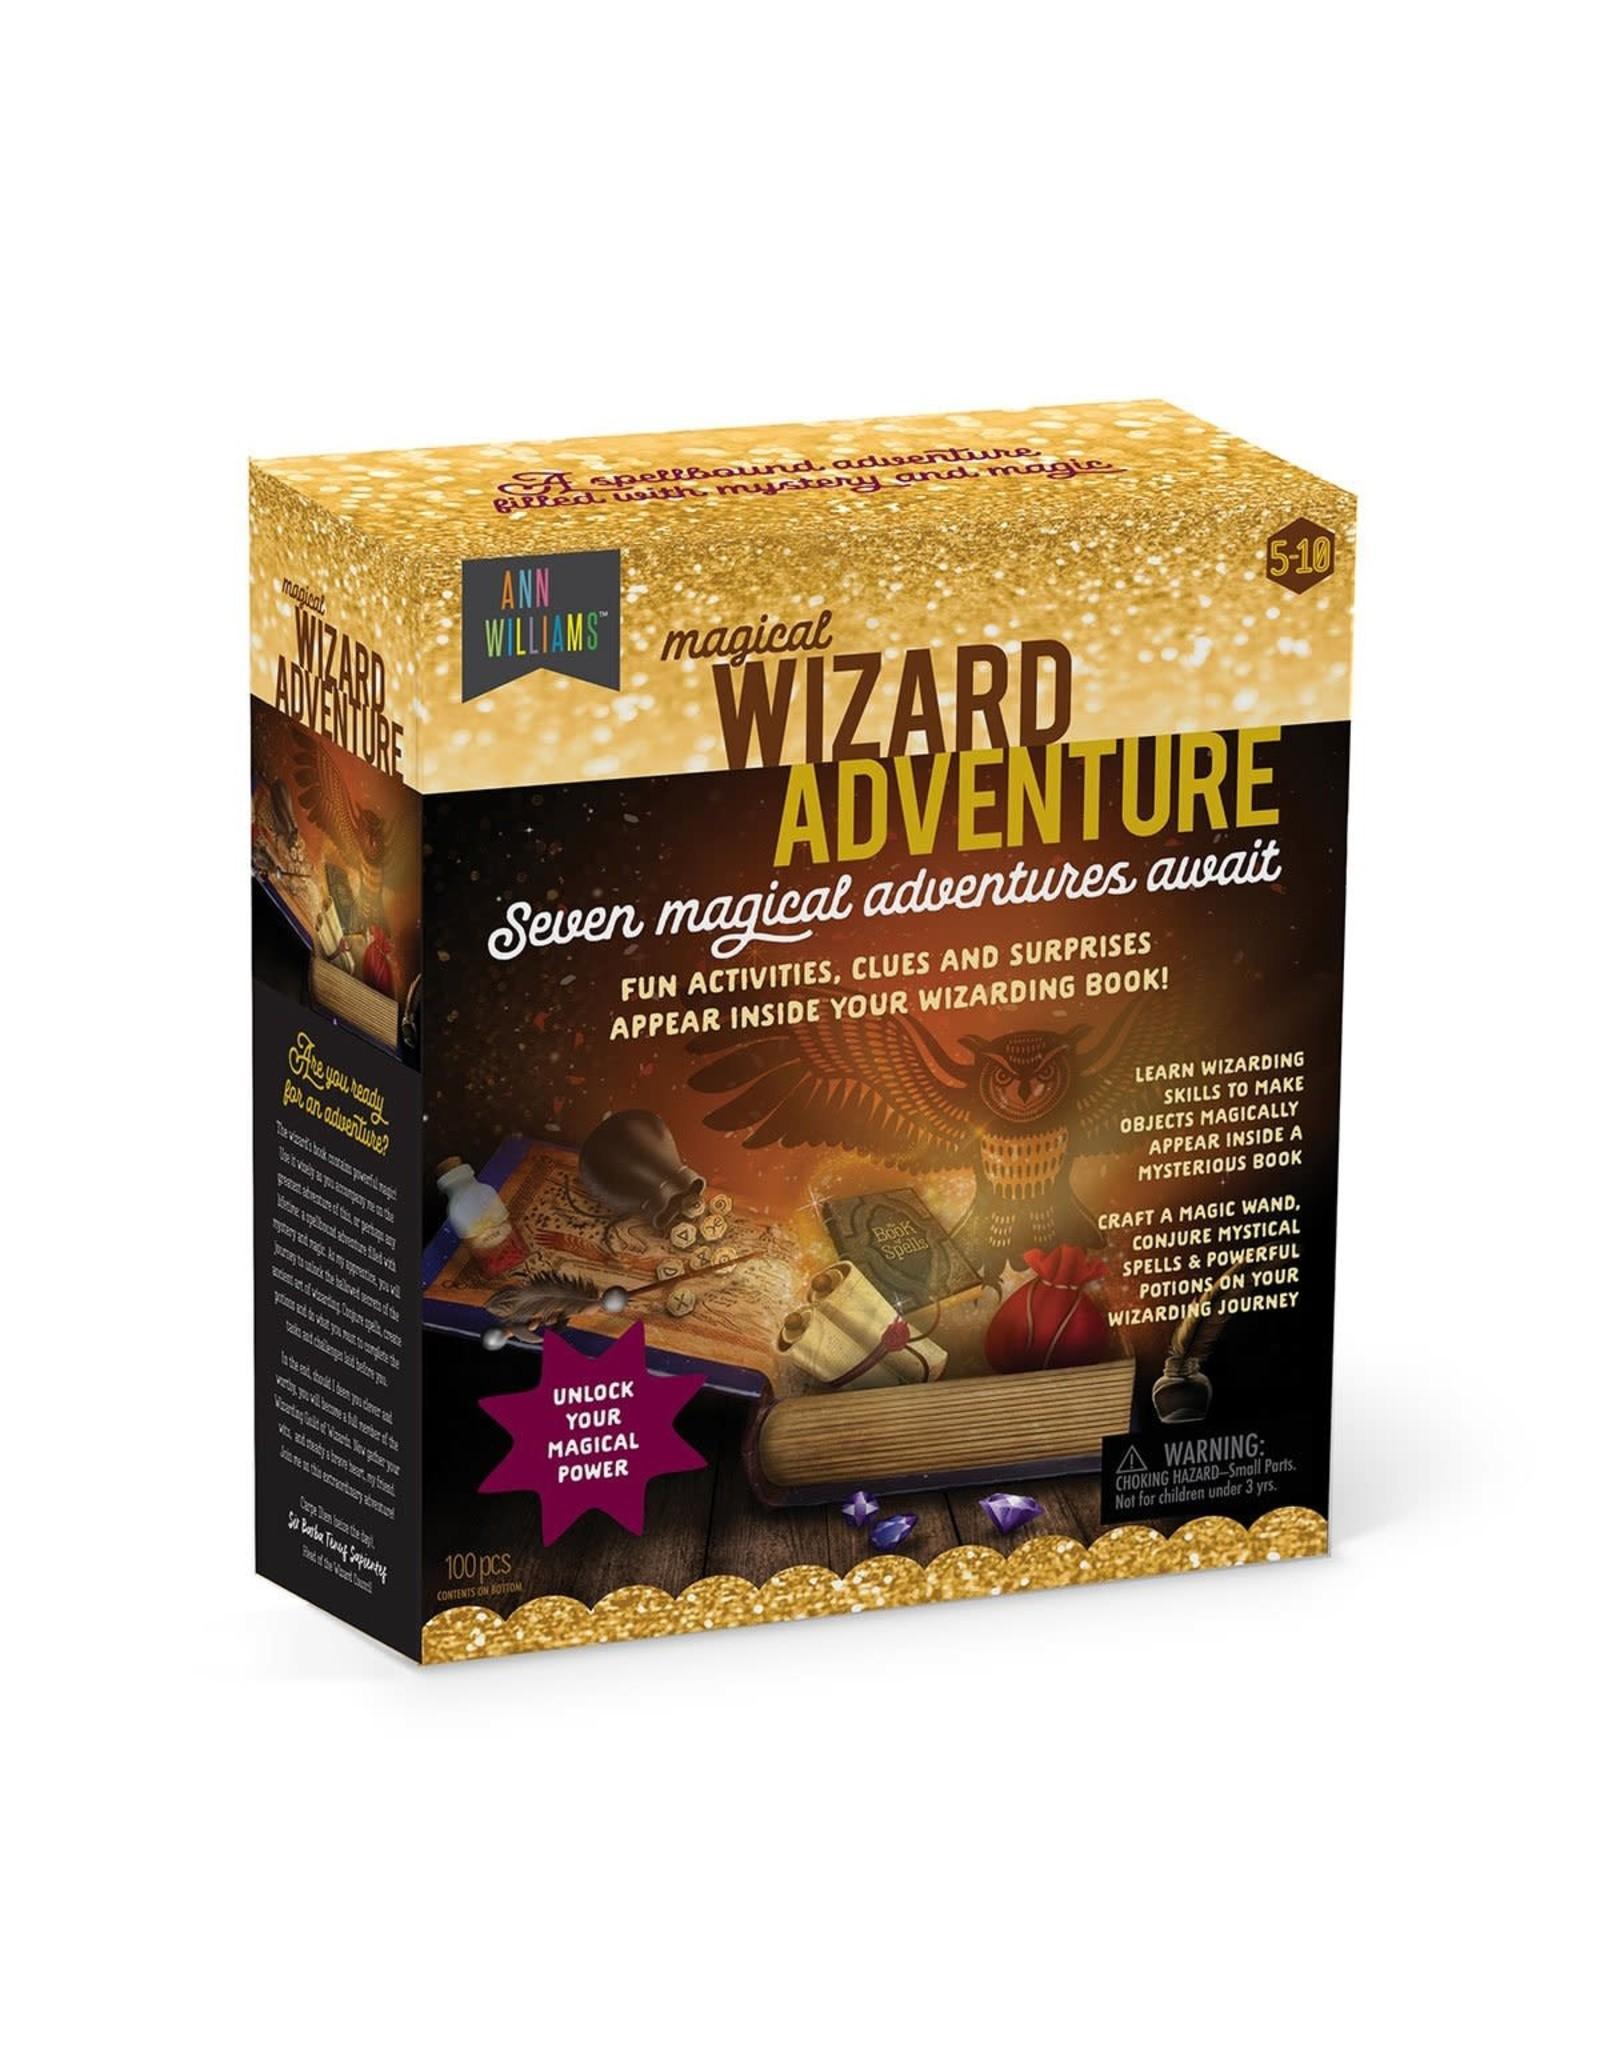 Ann Williams Group Magical Wizard Adventure